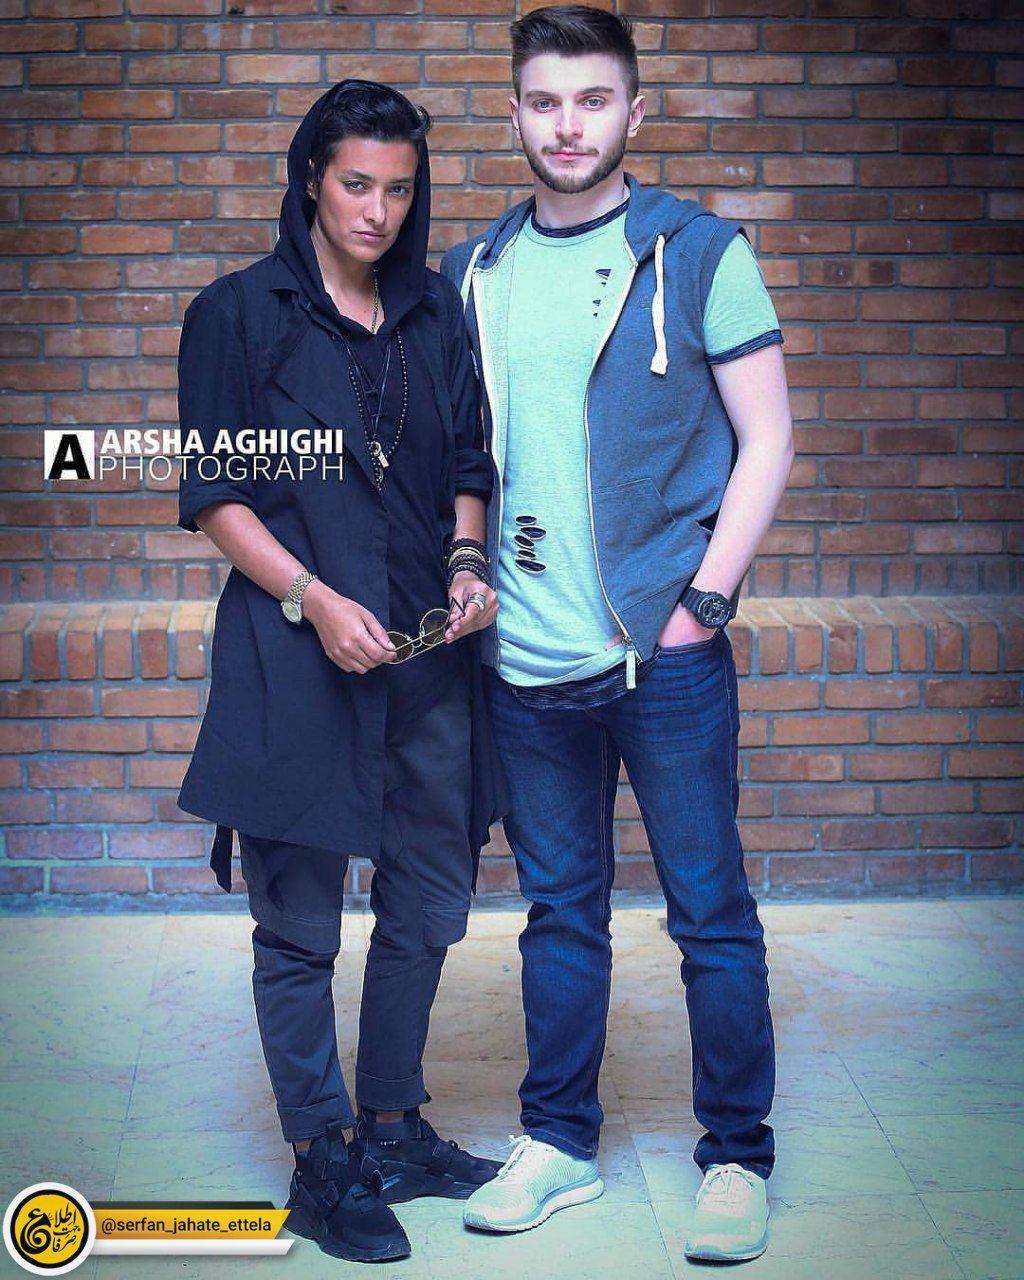 اینستاگرام گردی: دارا حیایی و مادرش مونا بانکی پور (پسر و همسر سابق امین حیایی)